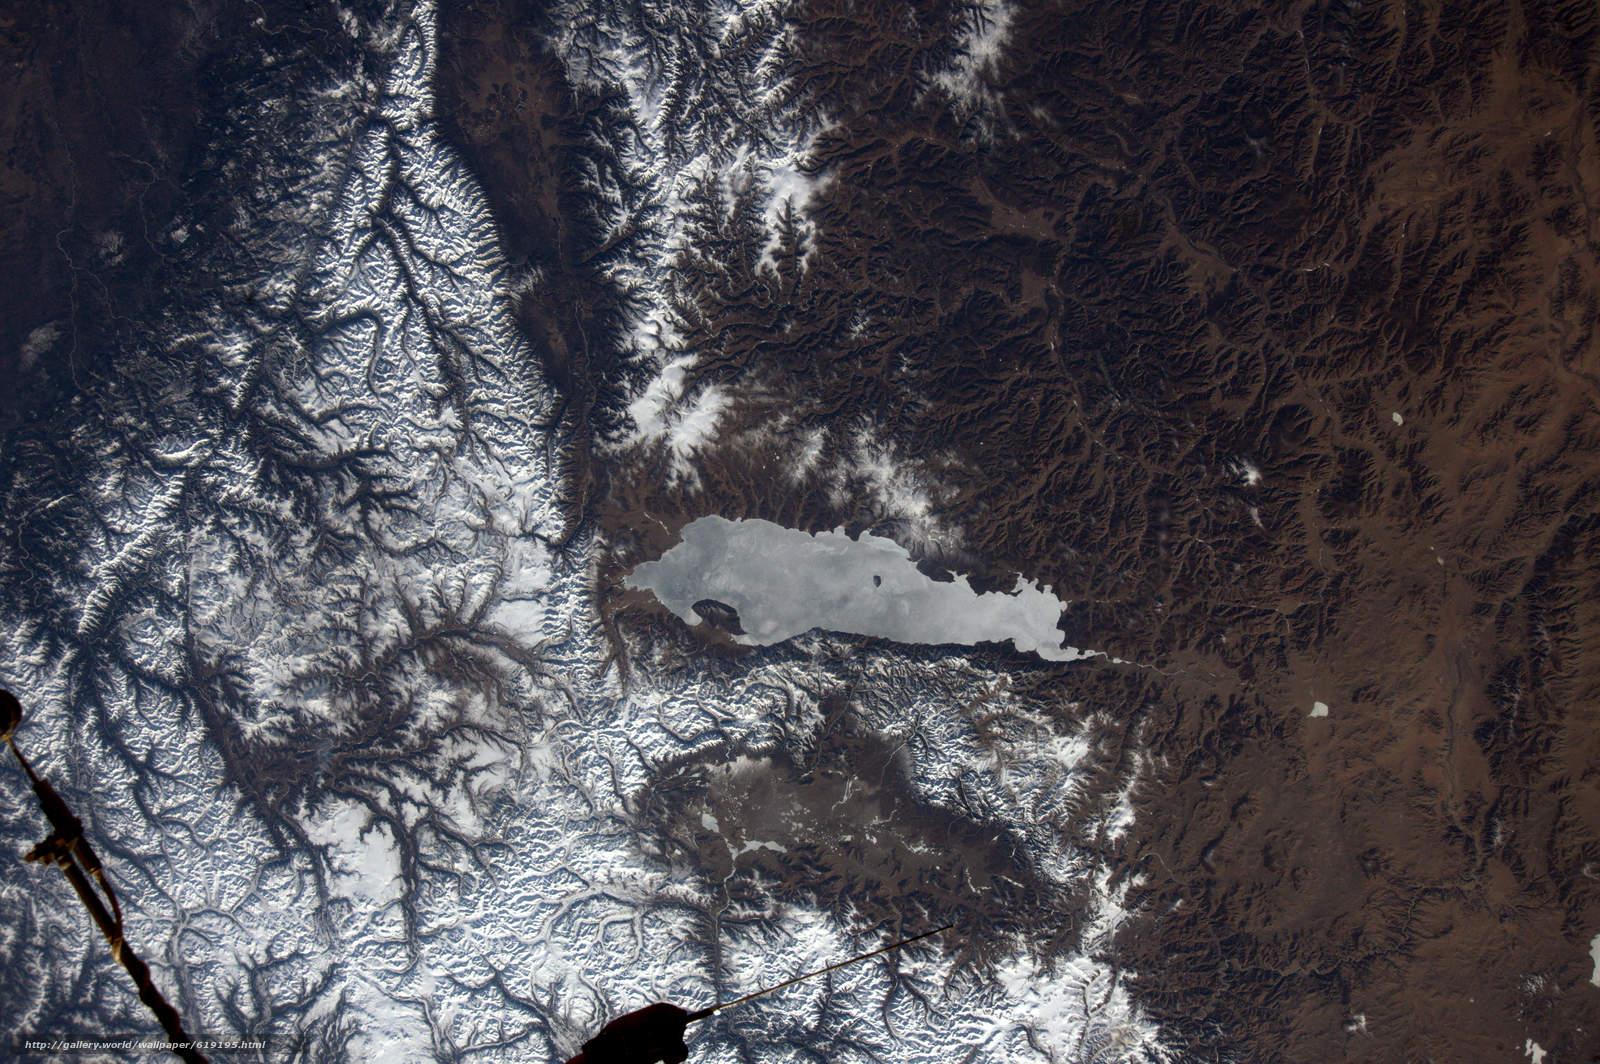 Скачать на телефон обои фото картинку на тему Озеро Хубсугул, Монголия, горы, Змля, космос, разширение 6080x4044